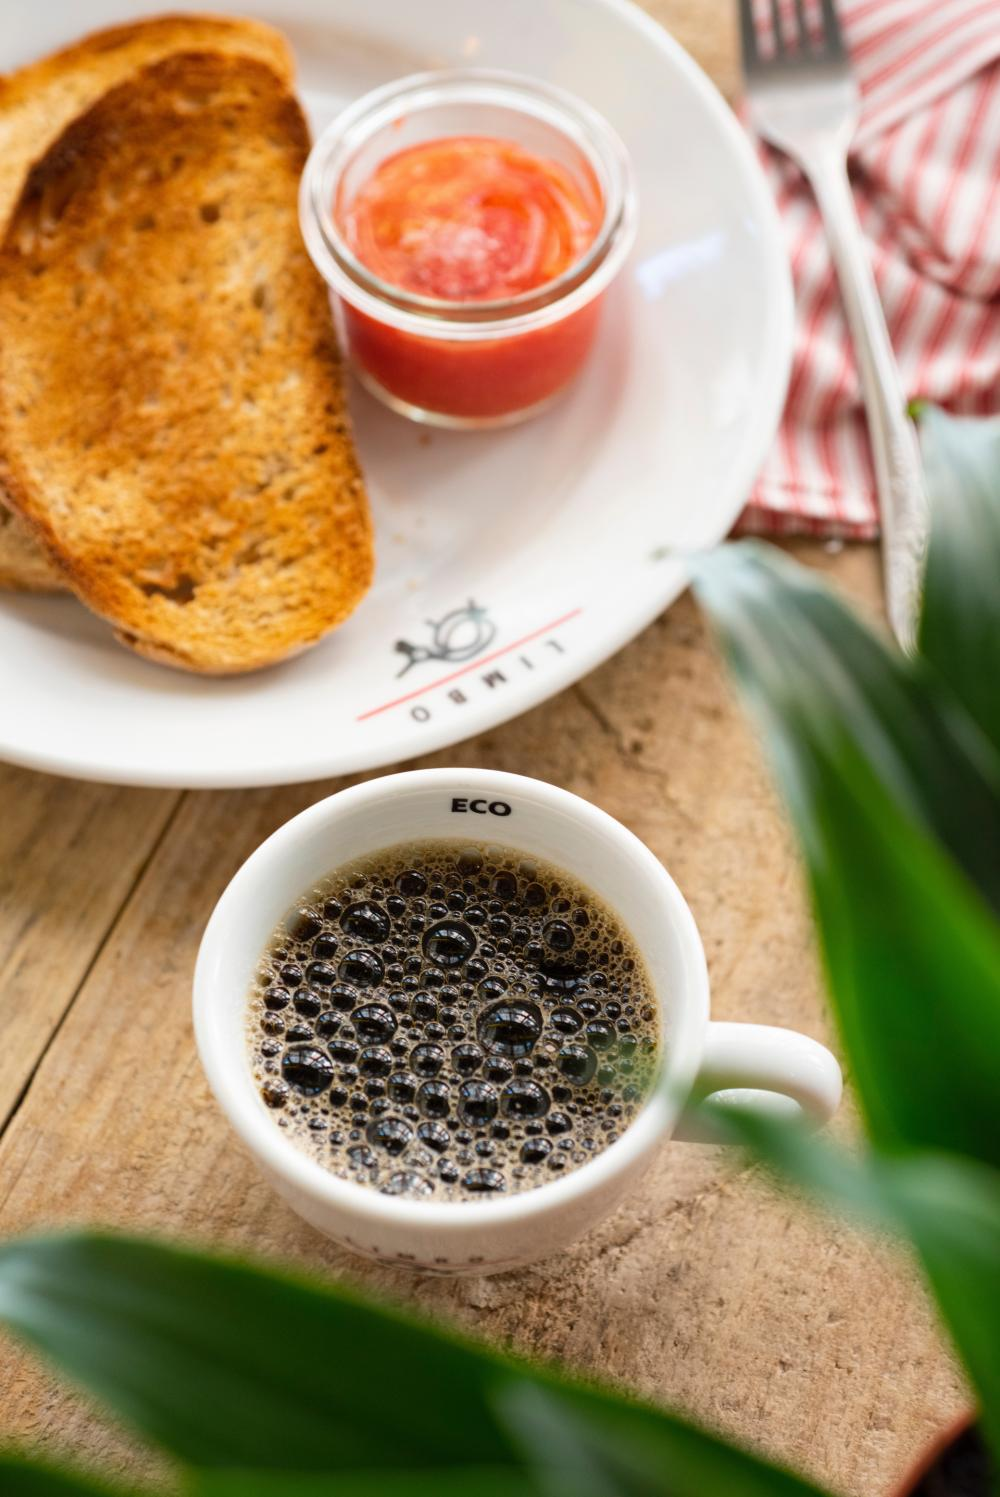 Café, chá com torrada/croissamt (3€)